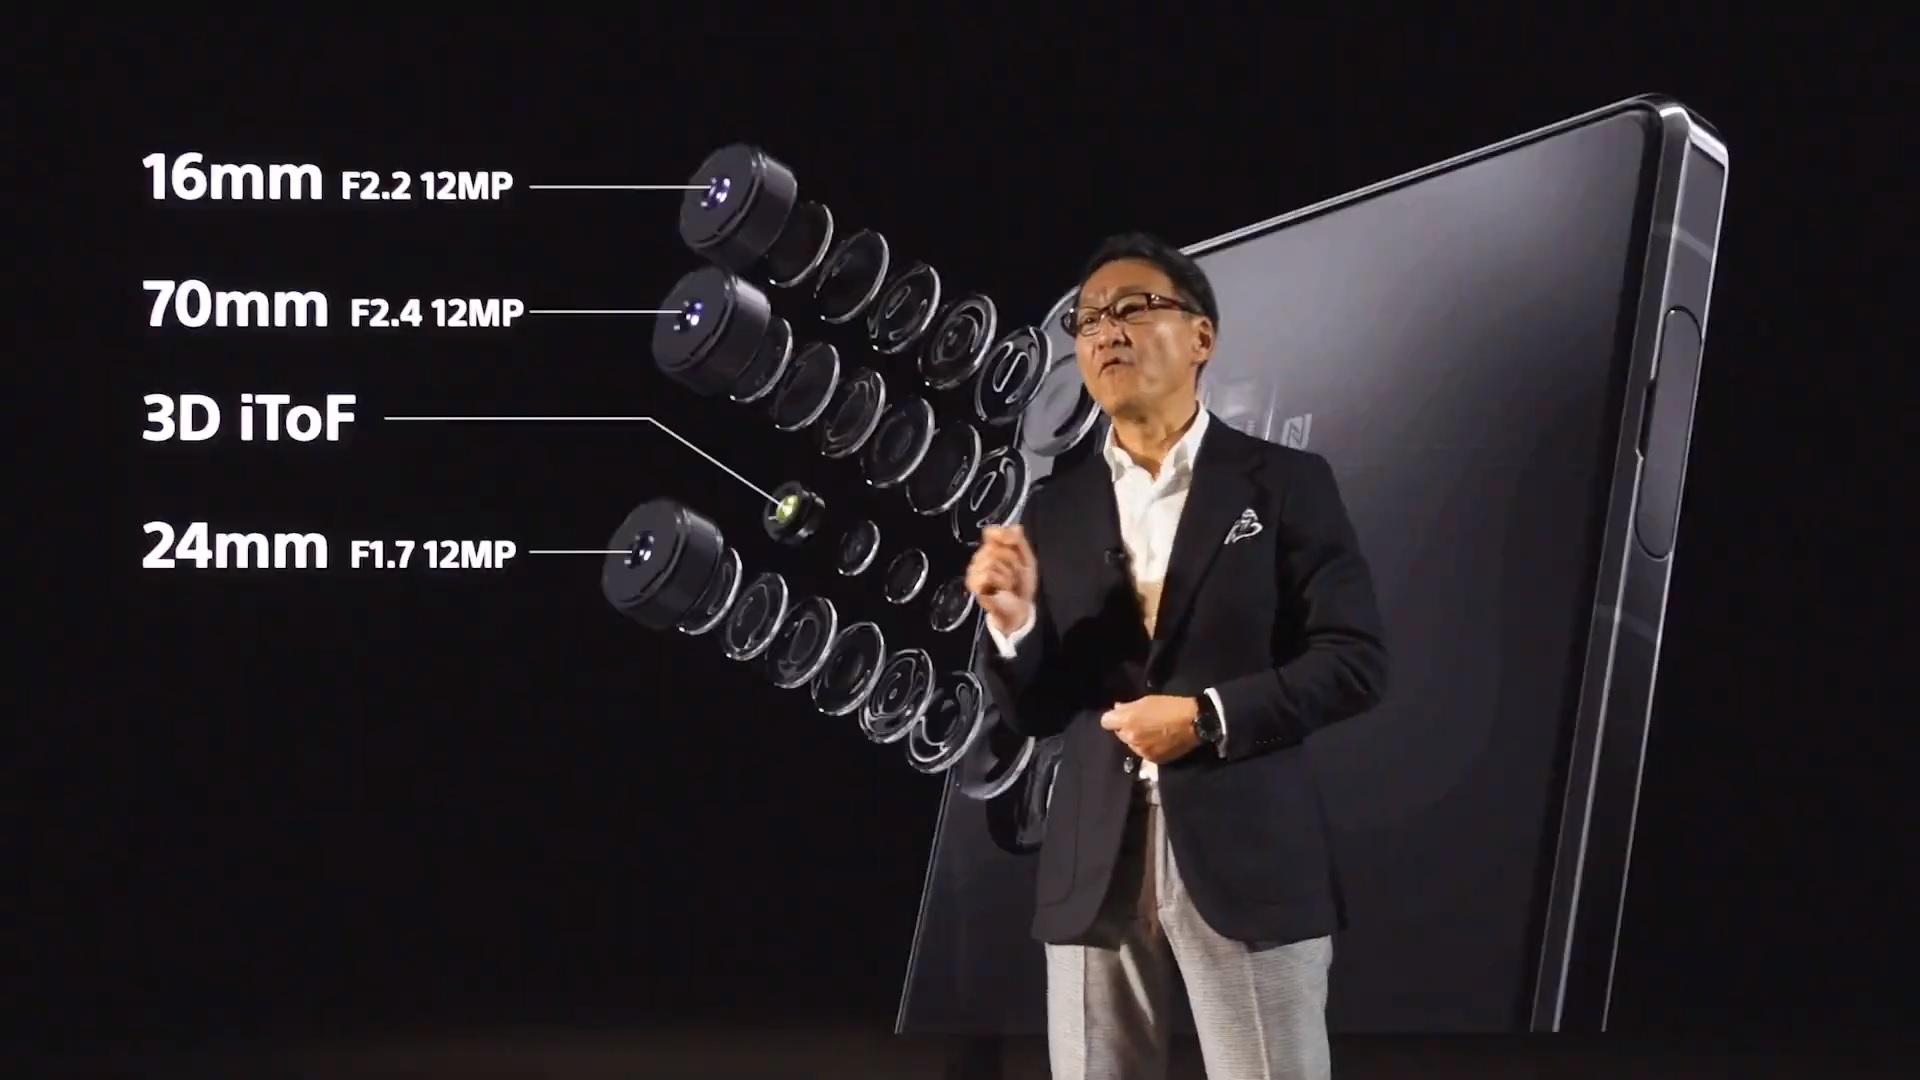 Napis ZEISS na aparacie Xperii 1 II. To co teraz z aparatami w Nokiach? 20